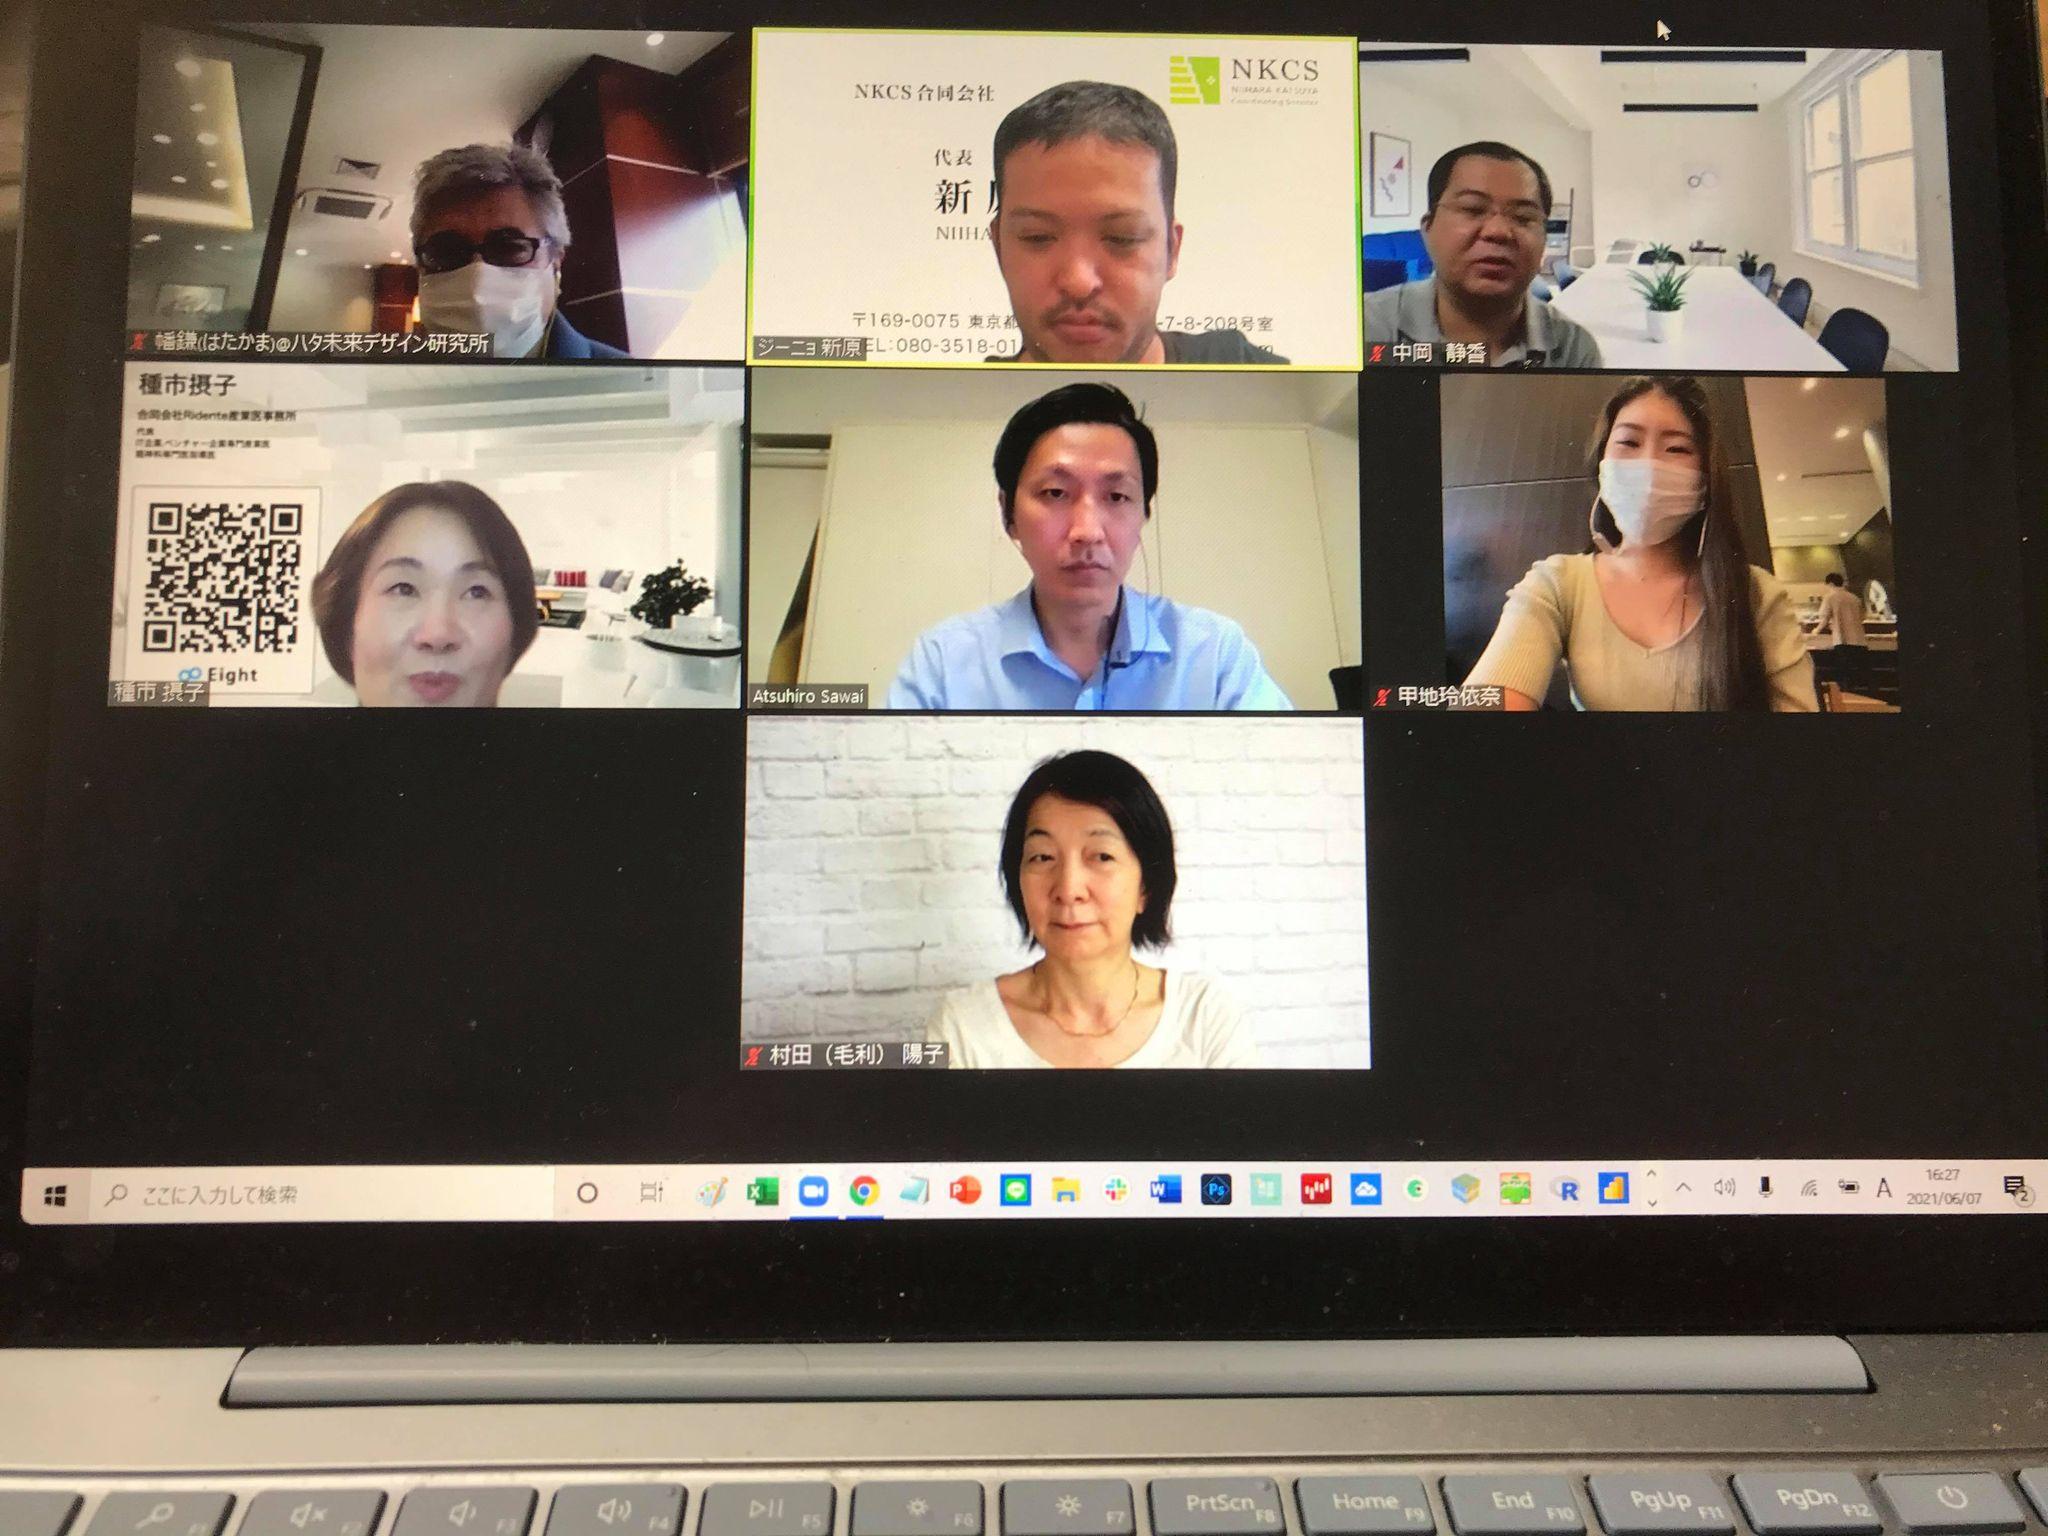 6月7日(月)16:00~ ニューノーマル時代!士業の働き方を考える座談会を開催しました